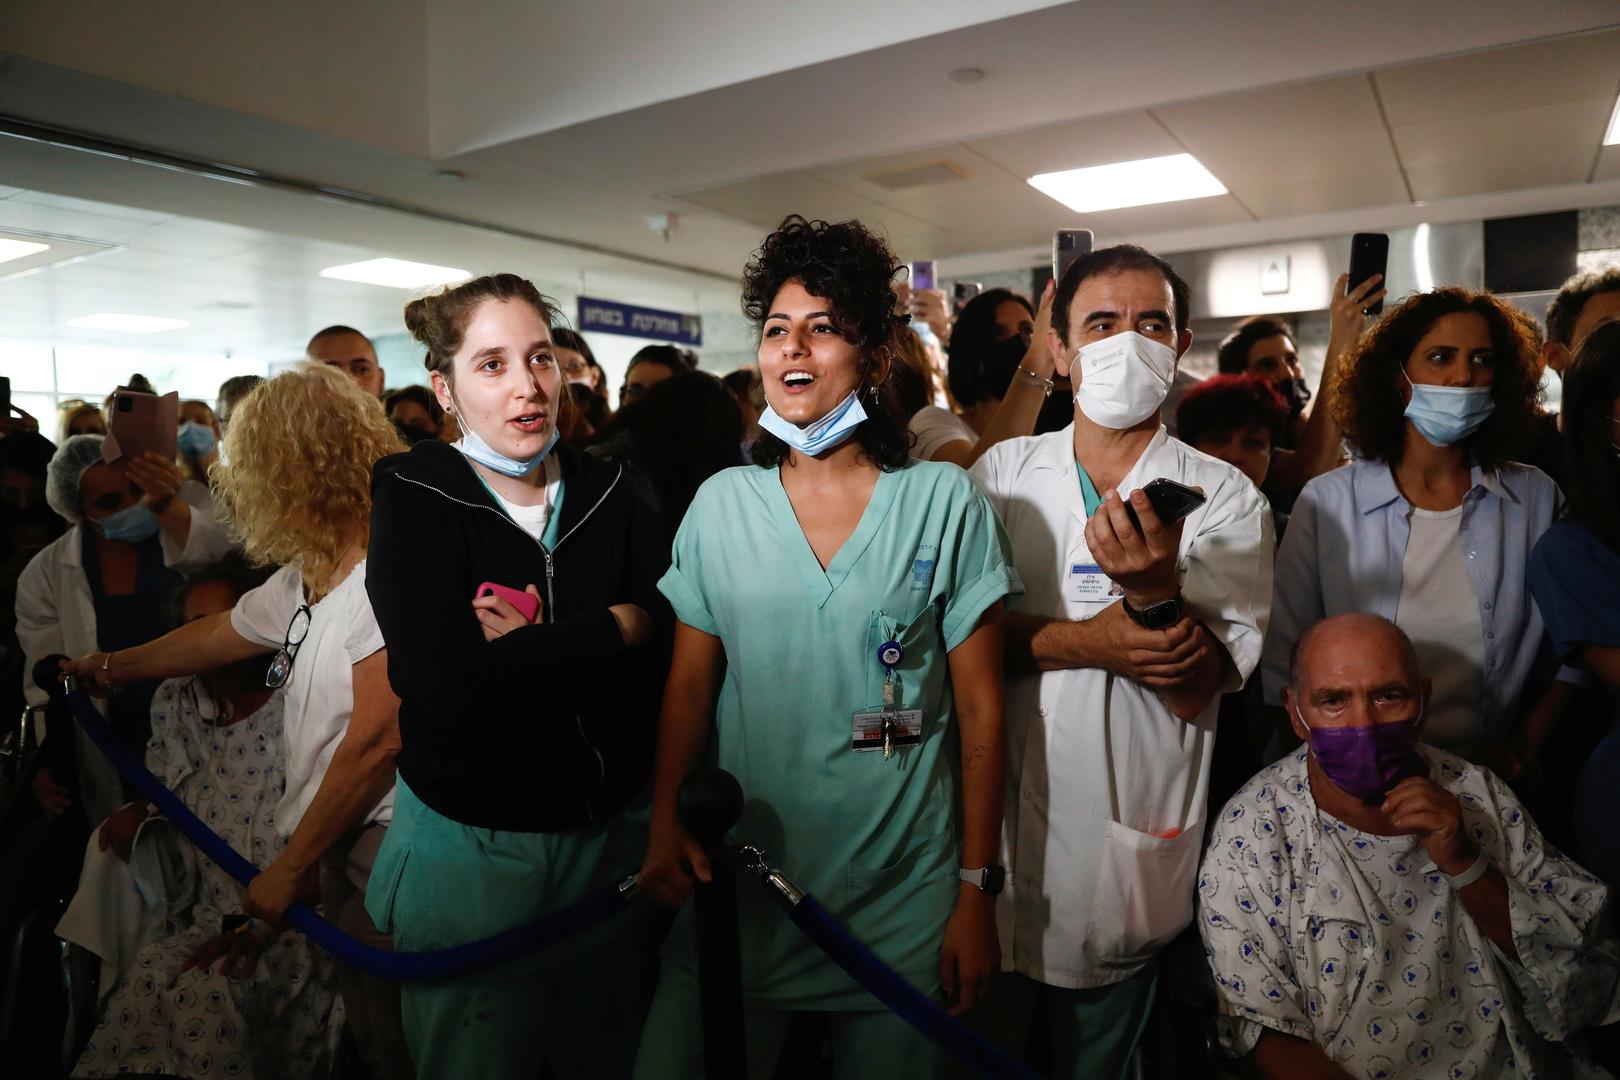 إسرائيل تستغني عن الكمامات اعتبارا من اليوم إلا في استثناءات محددة